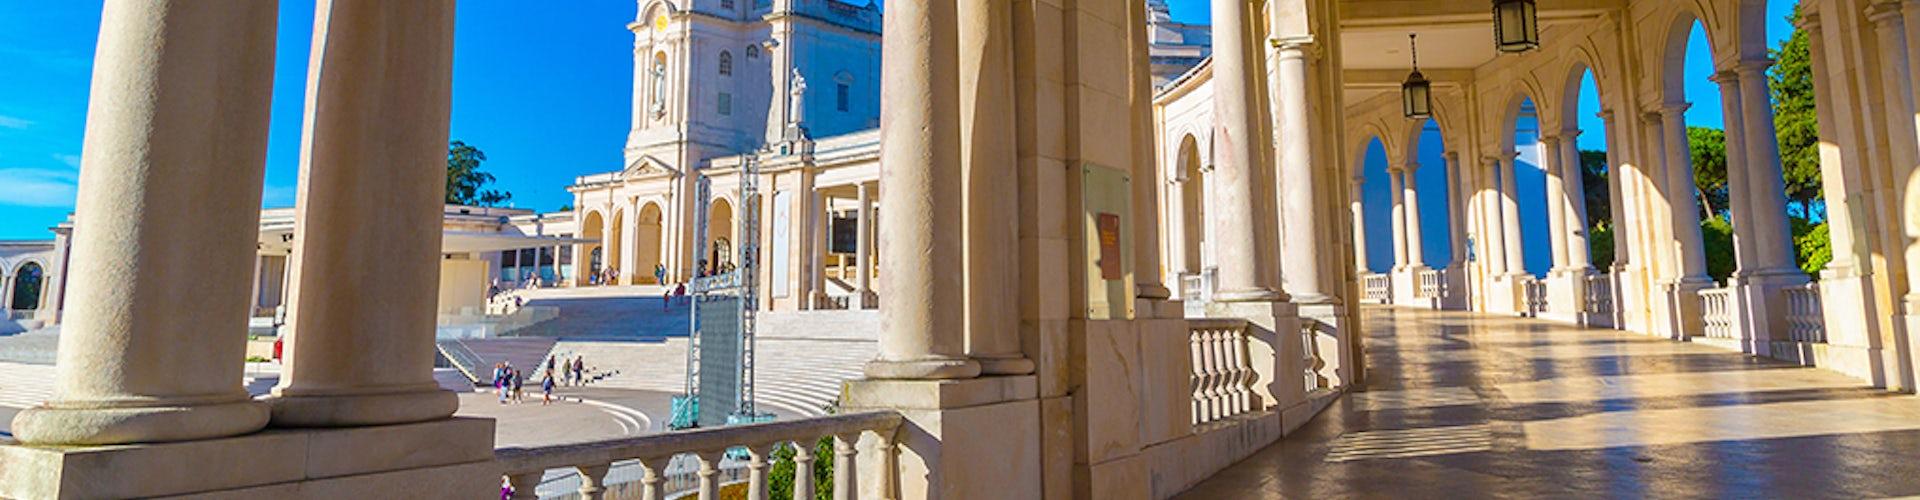 Excursion al Santuario de Fatima desde Lisboa